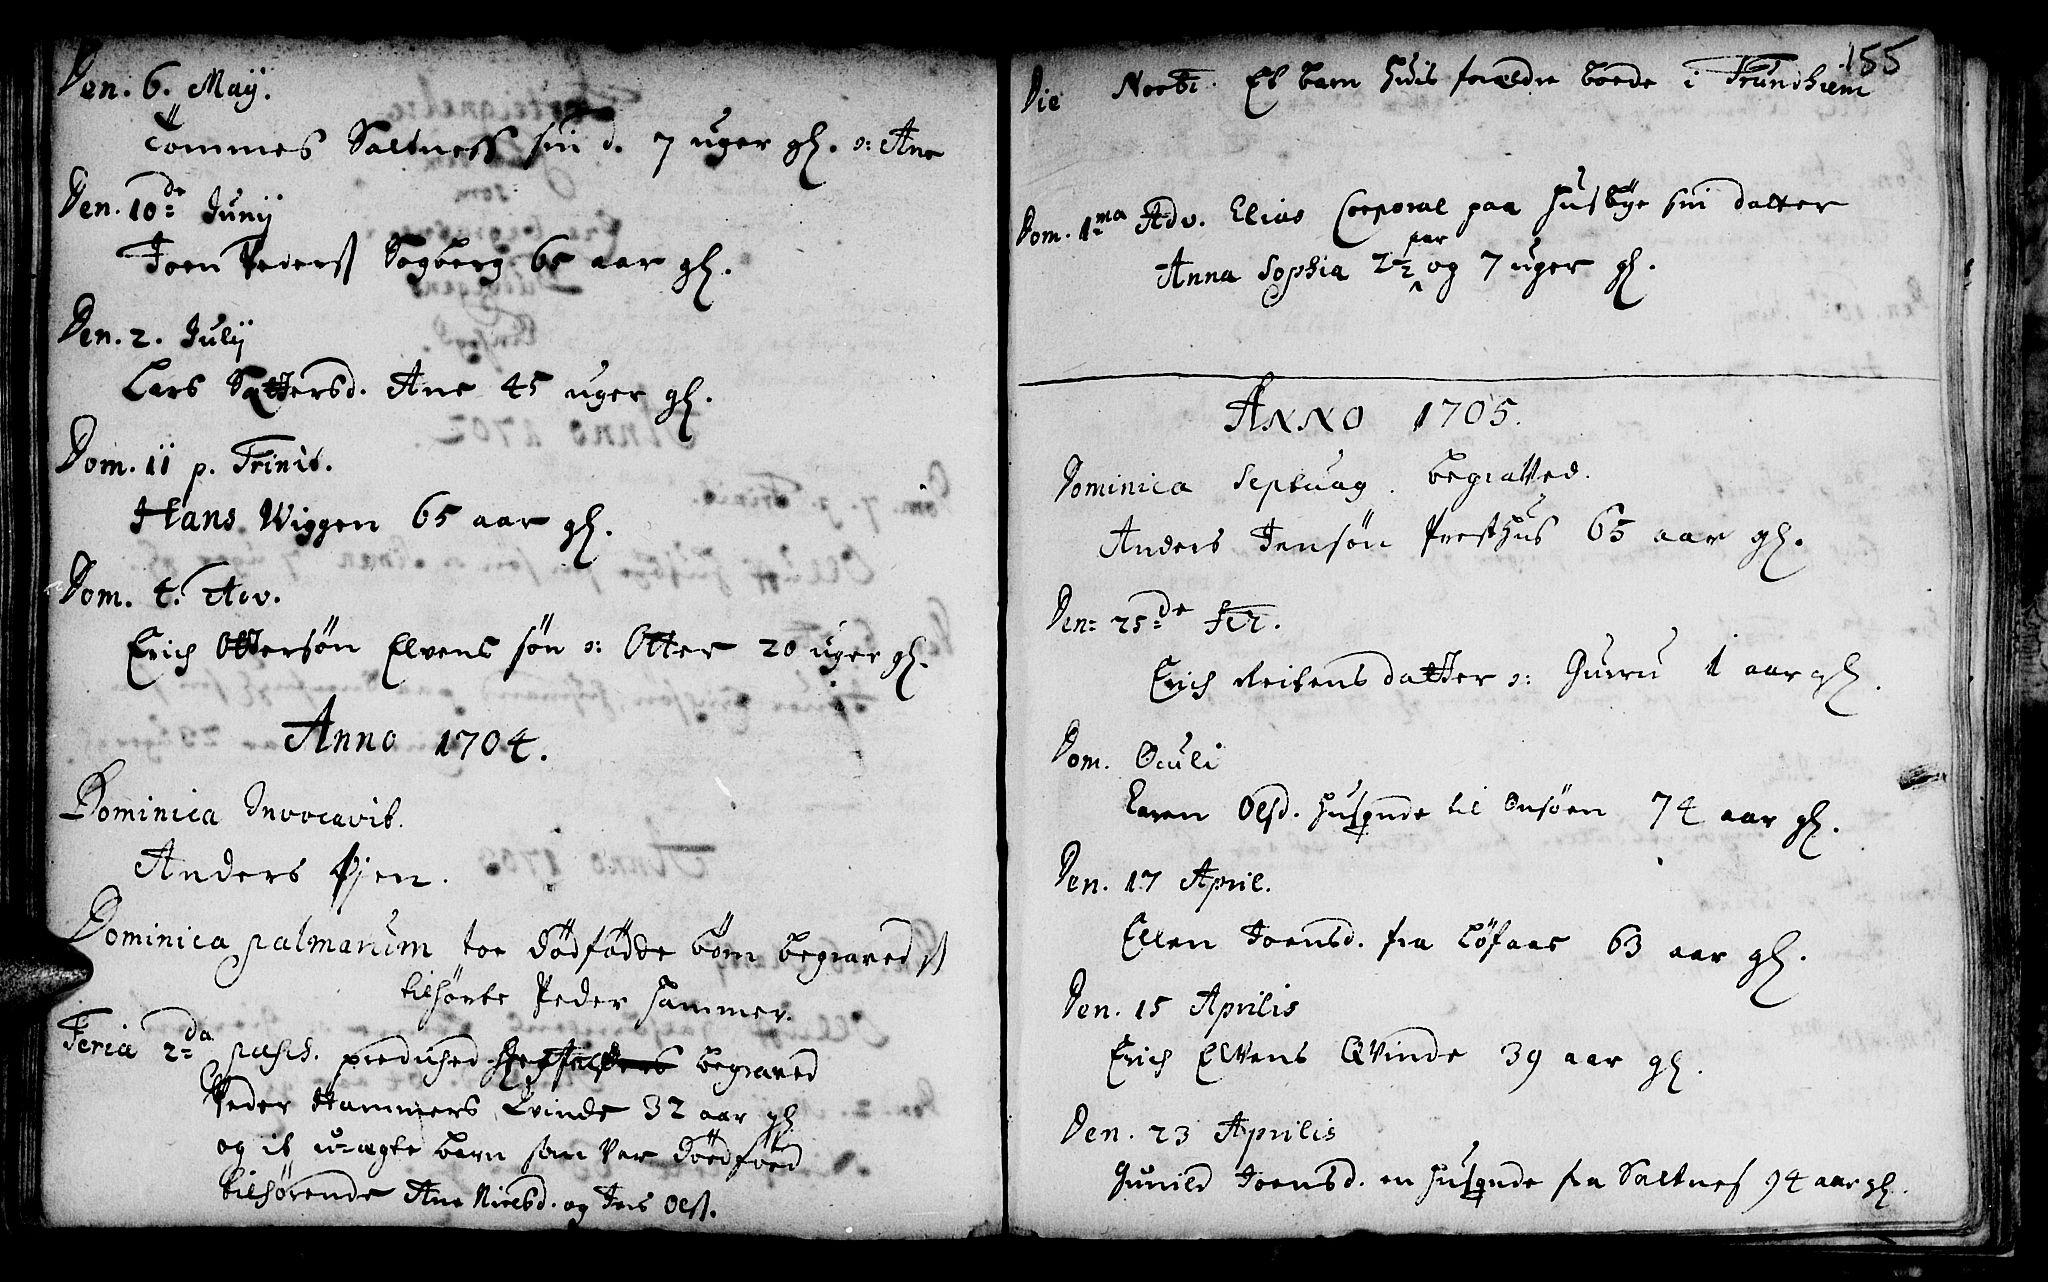 SAT, Ministerialprotokoller, klokkerbøker og fødselsregistre - Sør-Trøndelag, 666/L0783: Ministerialbok nr. 666A01, 1702-1753, s. 155